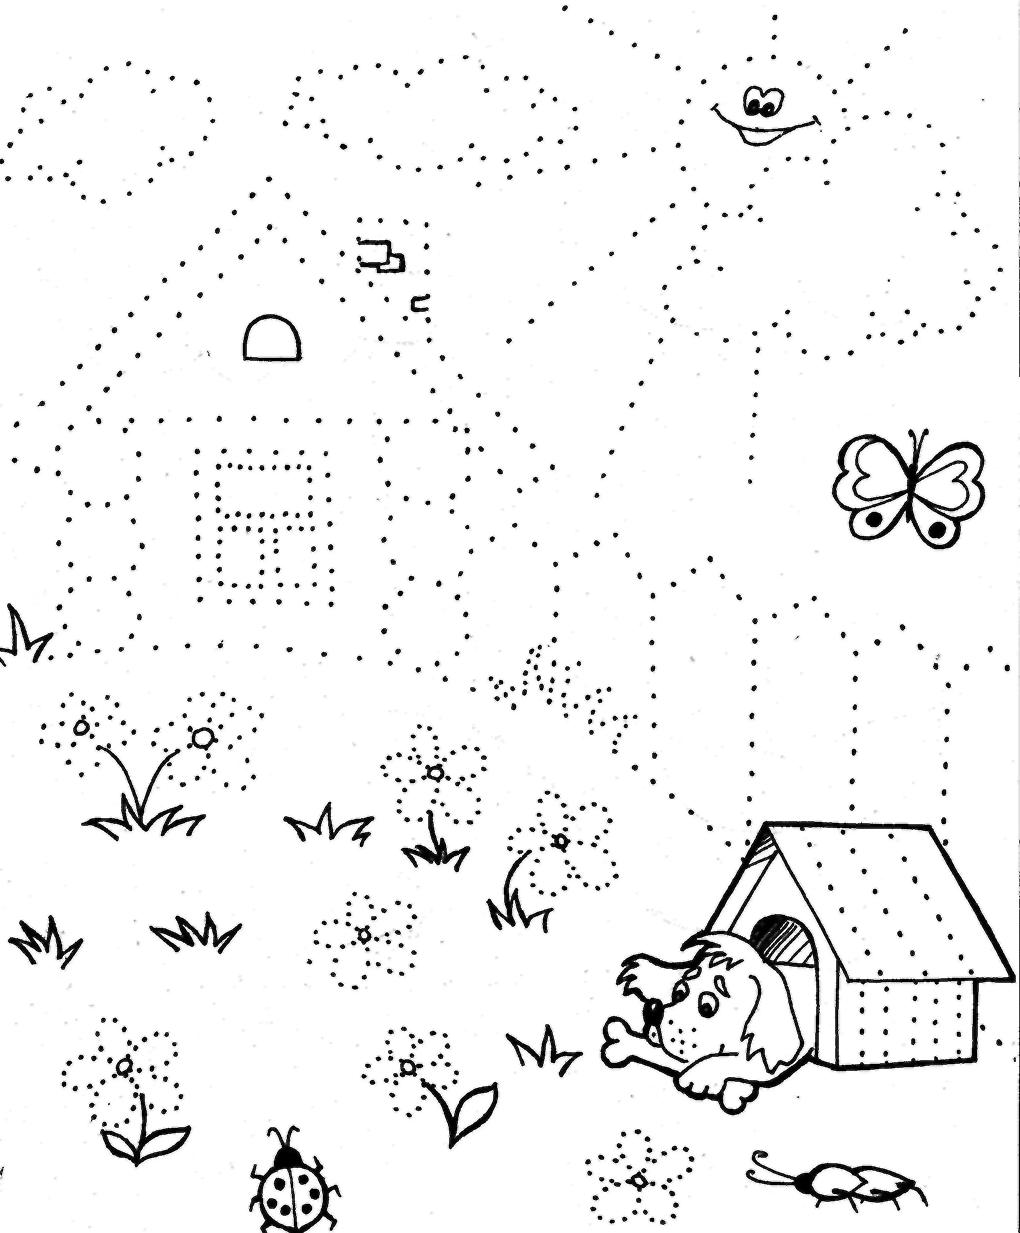 Игры для детей раскраски 4 года